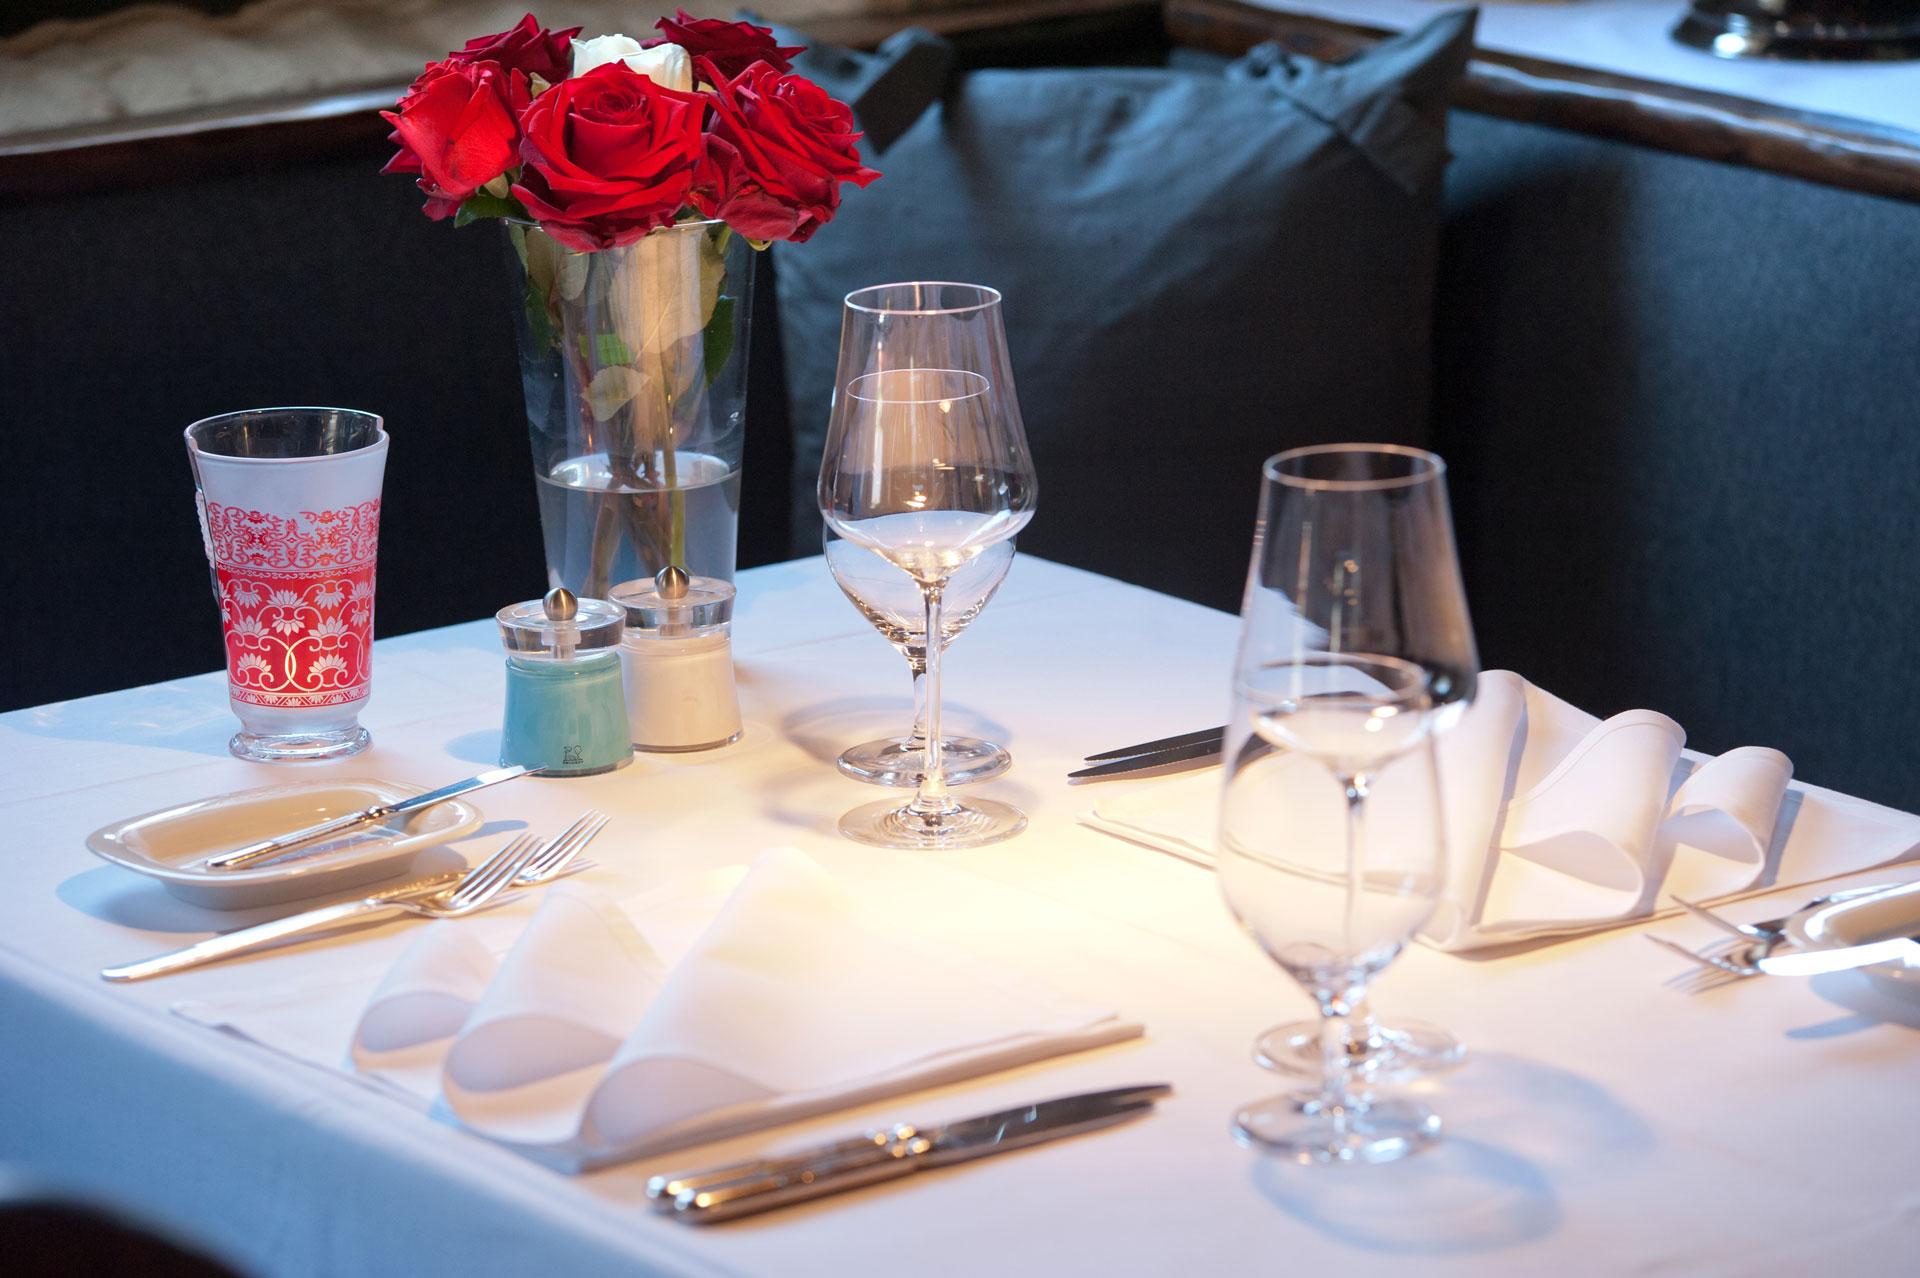 Restaurant Kupferpfanne